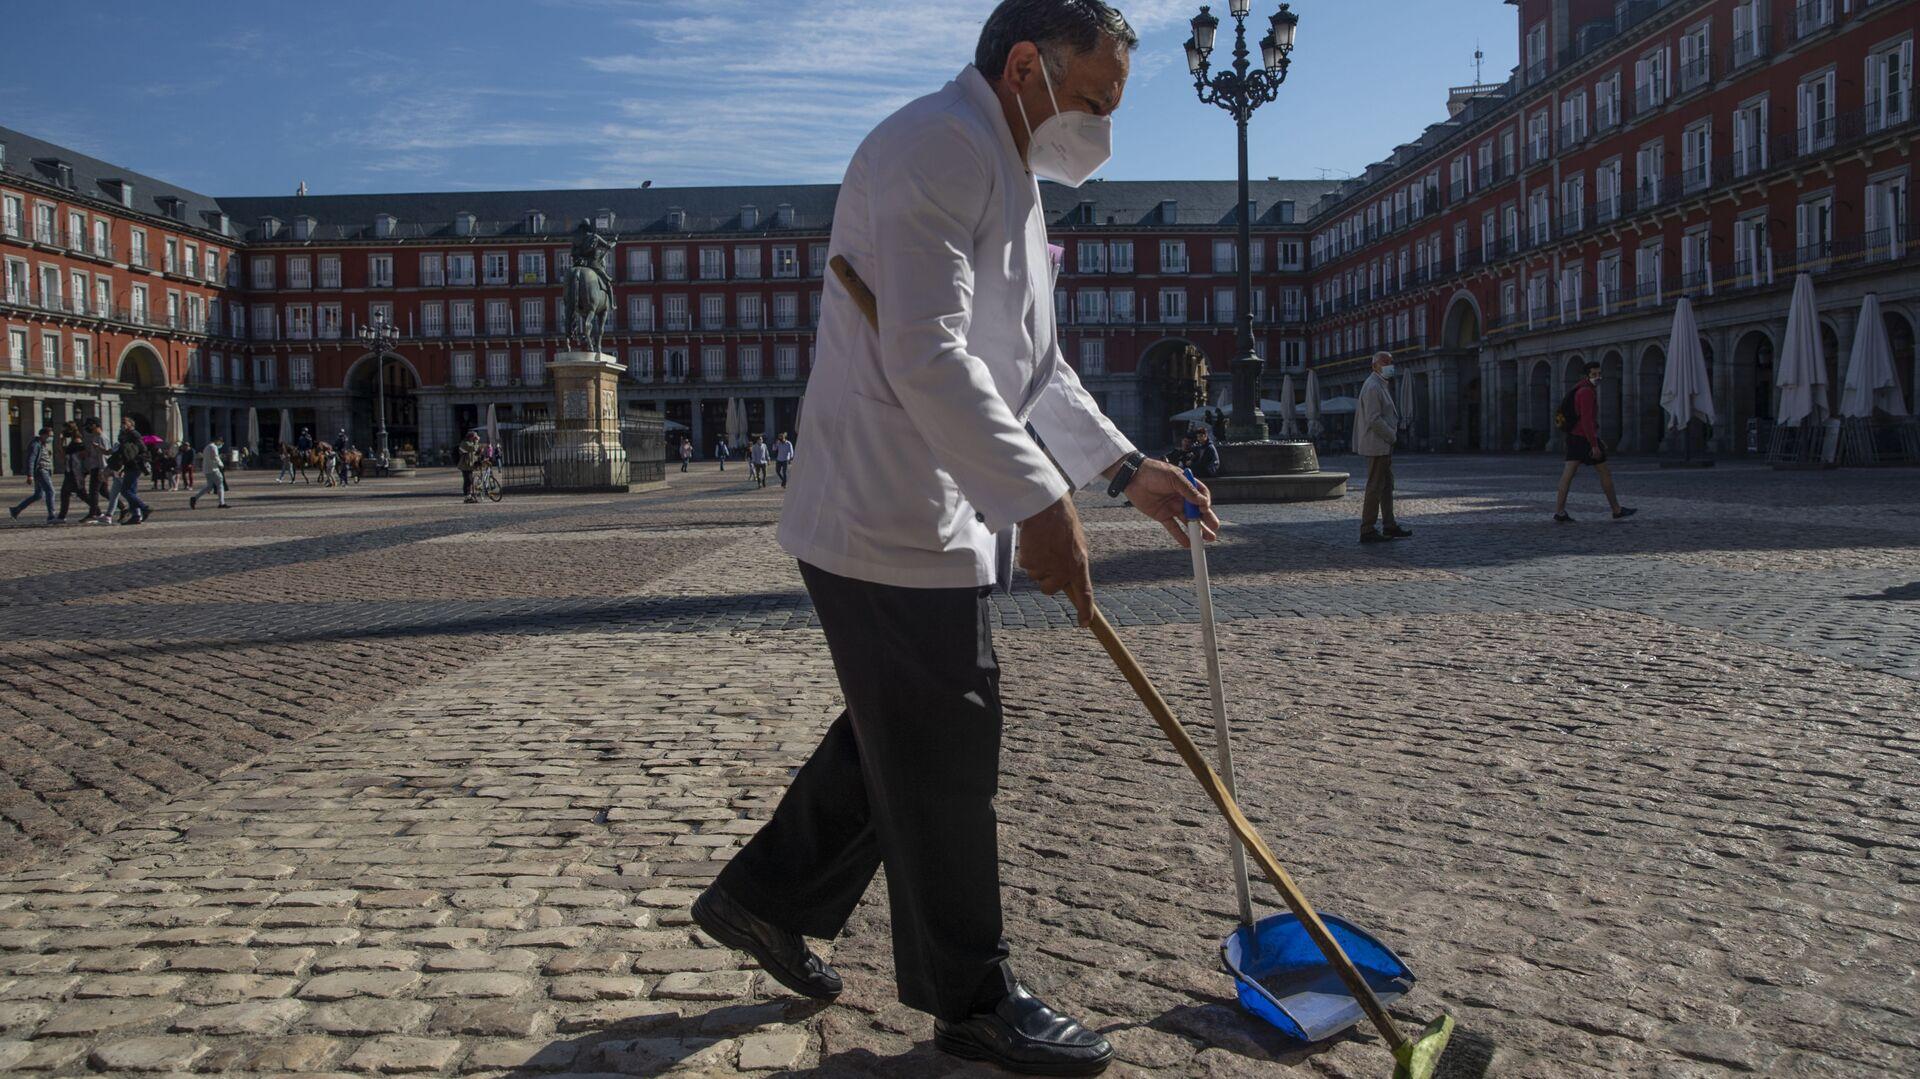 Un camarero con mascarilla limpiando en una de las terrazas de la Plaza Mayor de Madrid - Sputnik Mundo, 1920, 10.03.2021